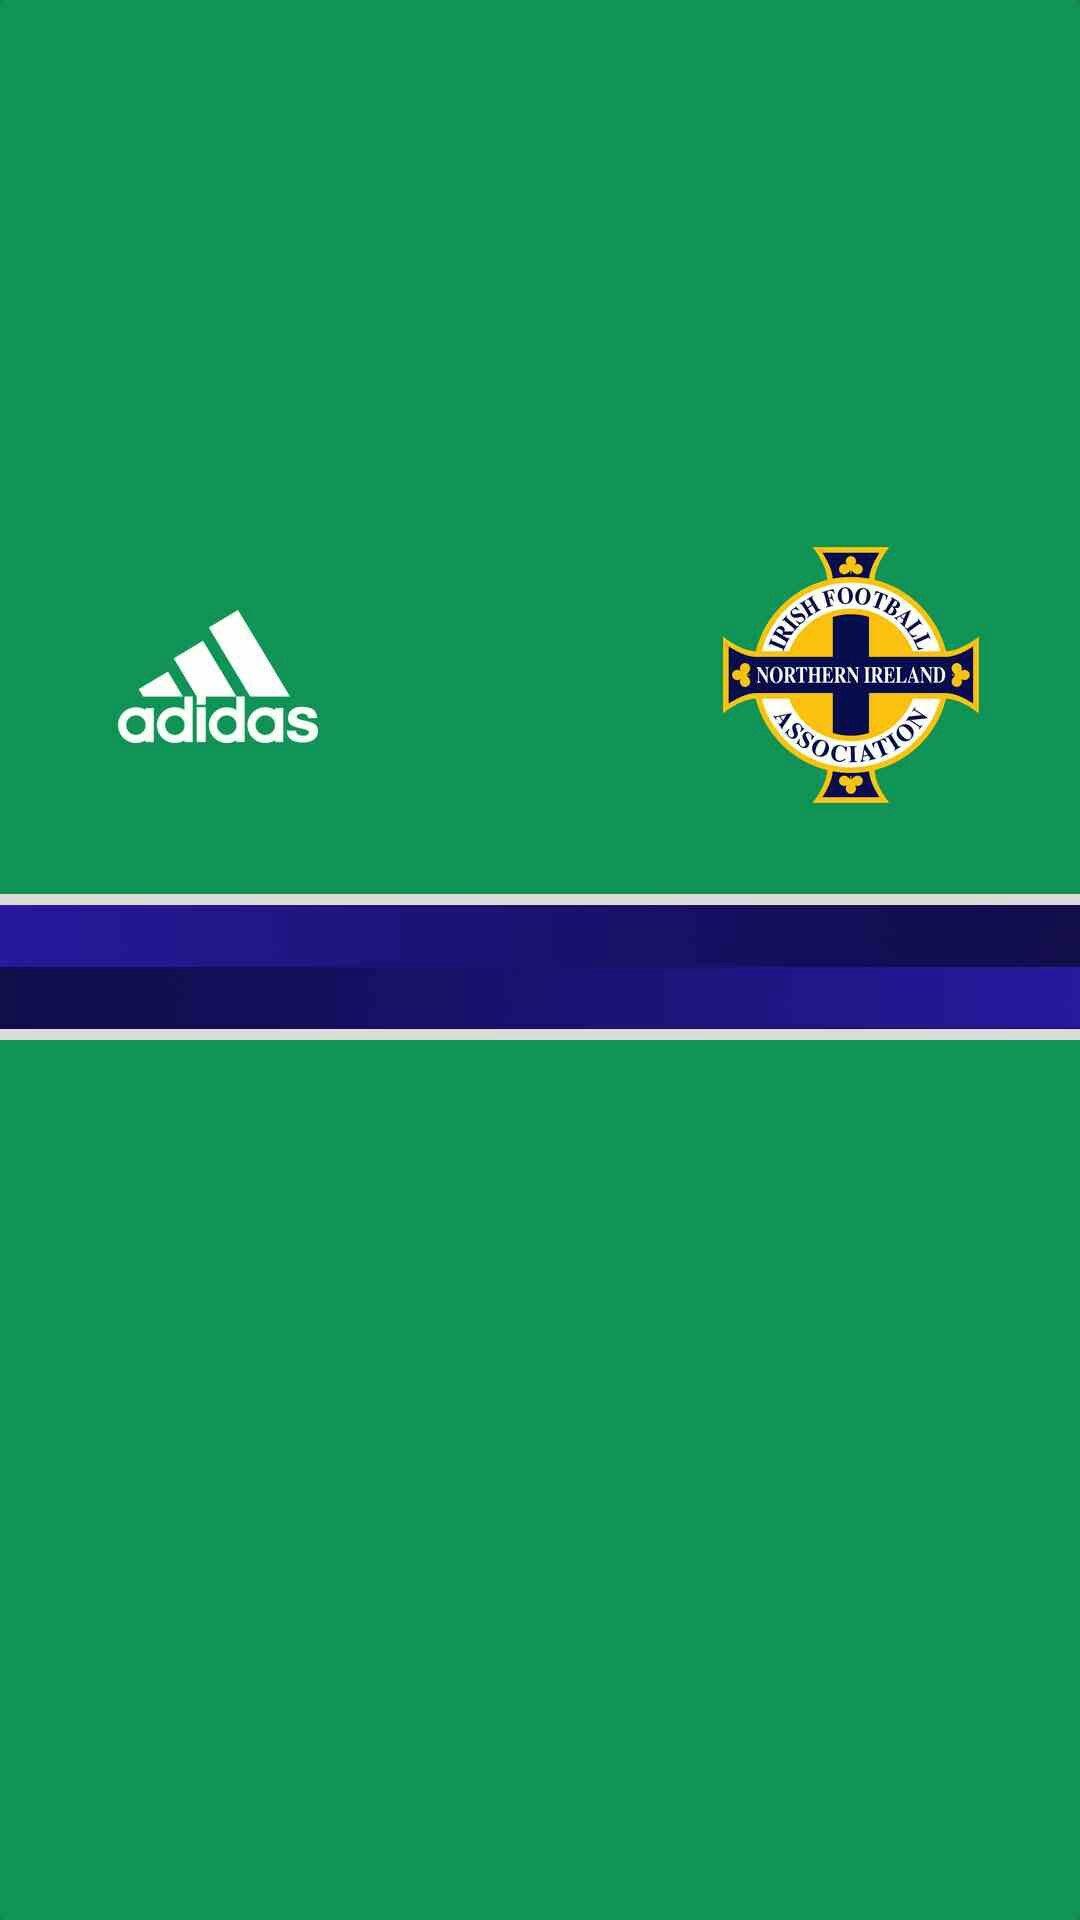 Northern Ireland wallpaper Soccer jersey Football wallpaper 1080x1920